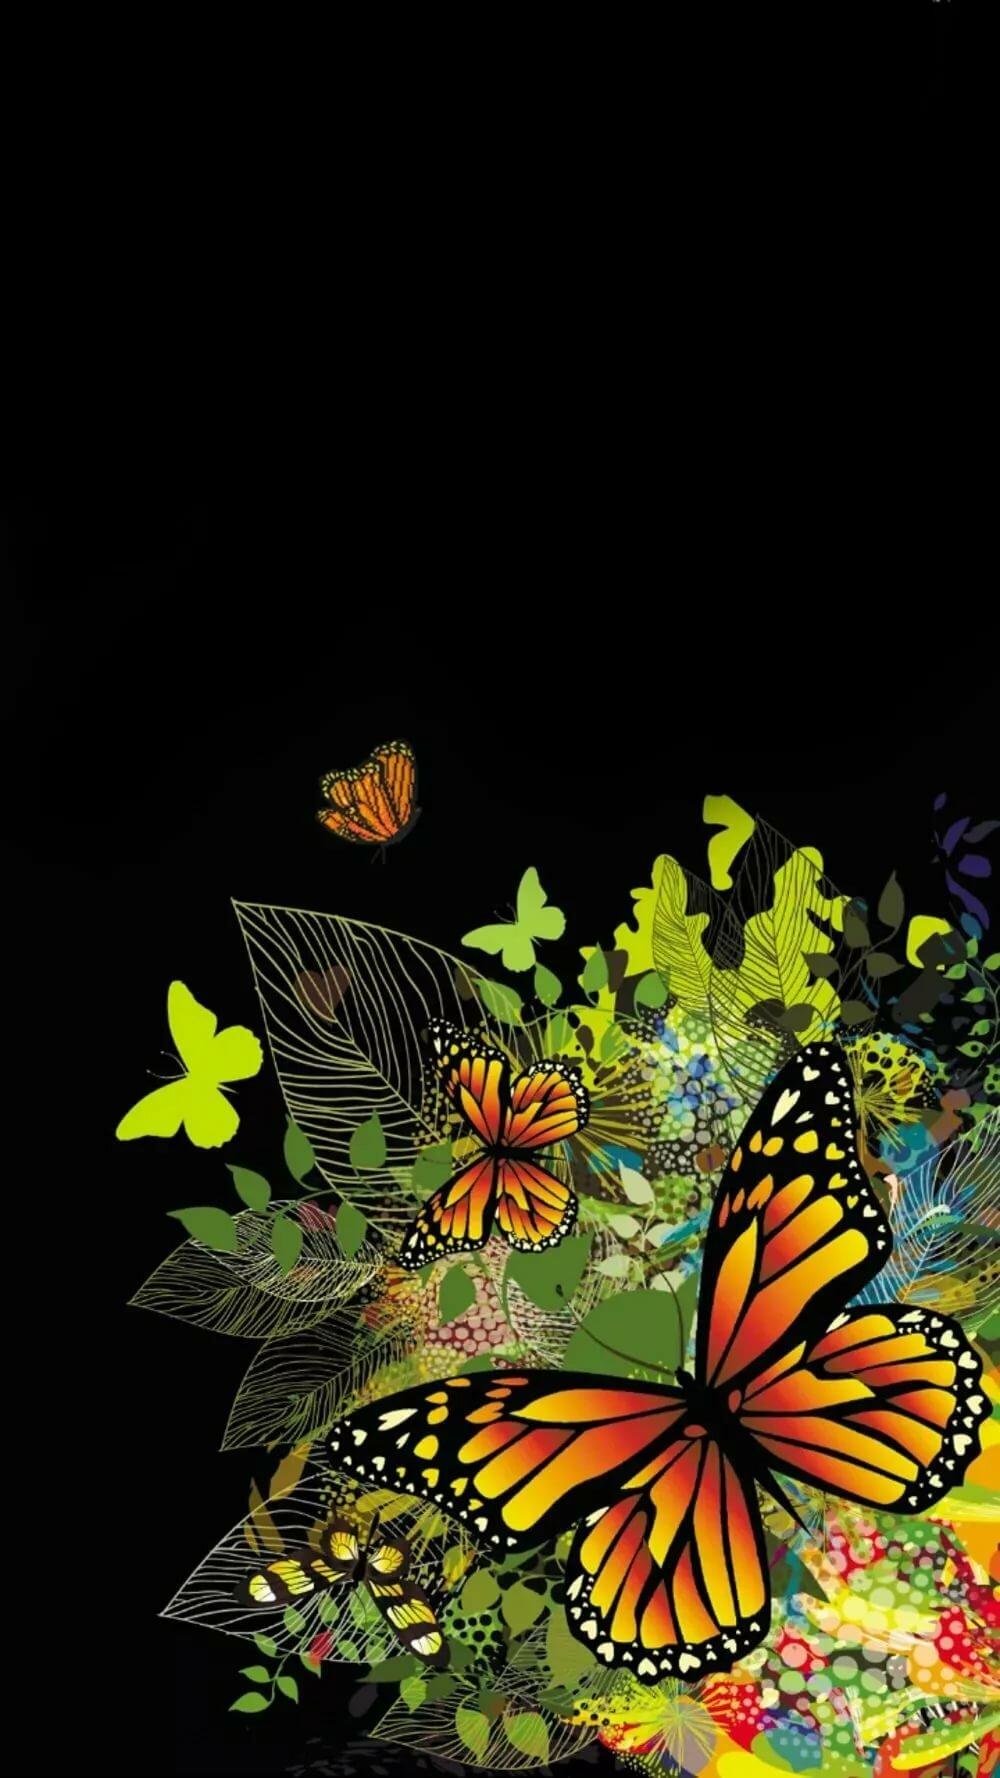 Бабочки на андроид картинка